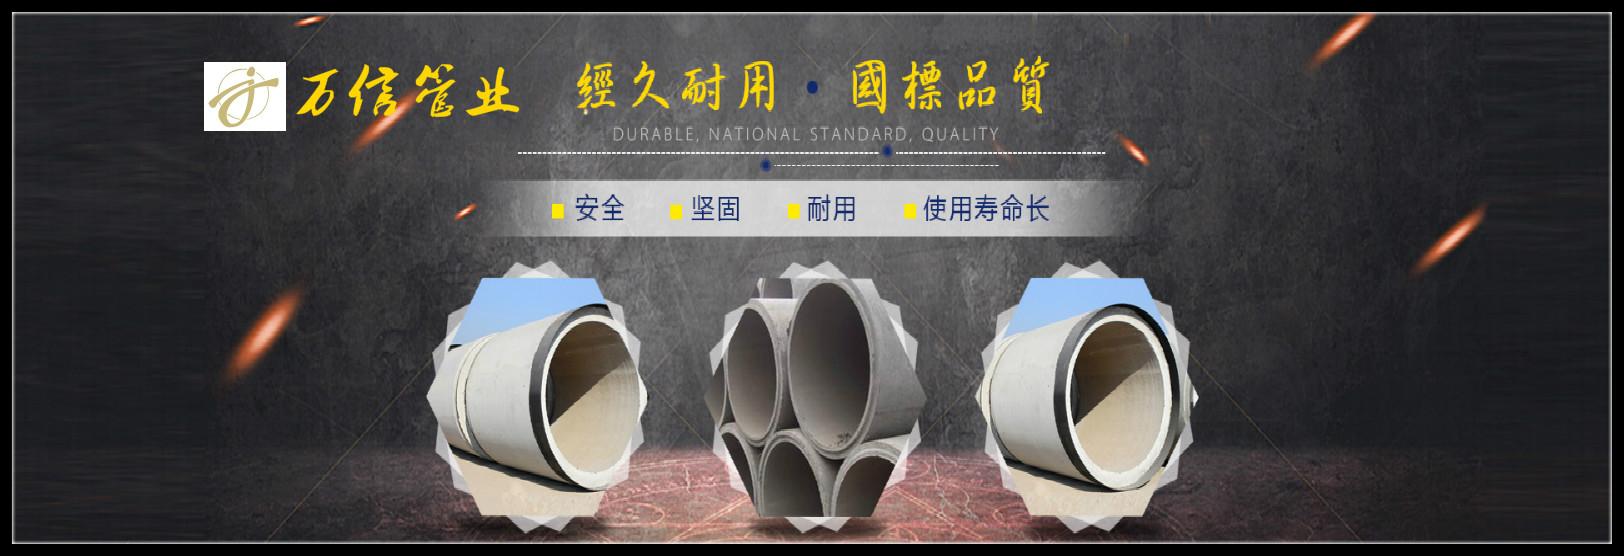 水泥管成品